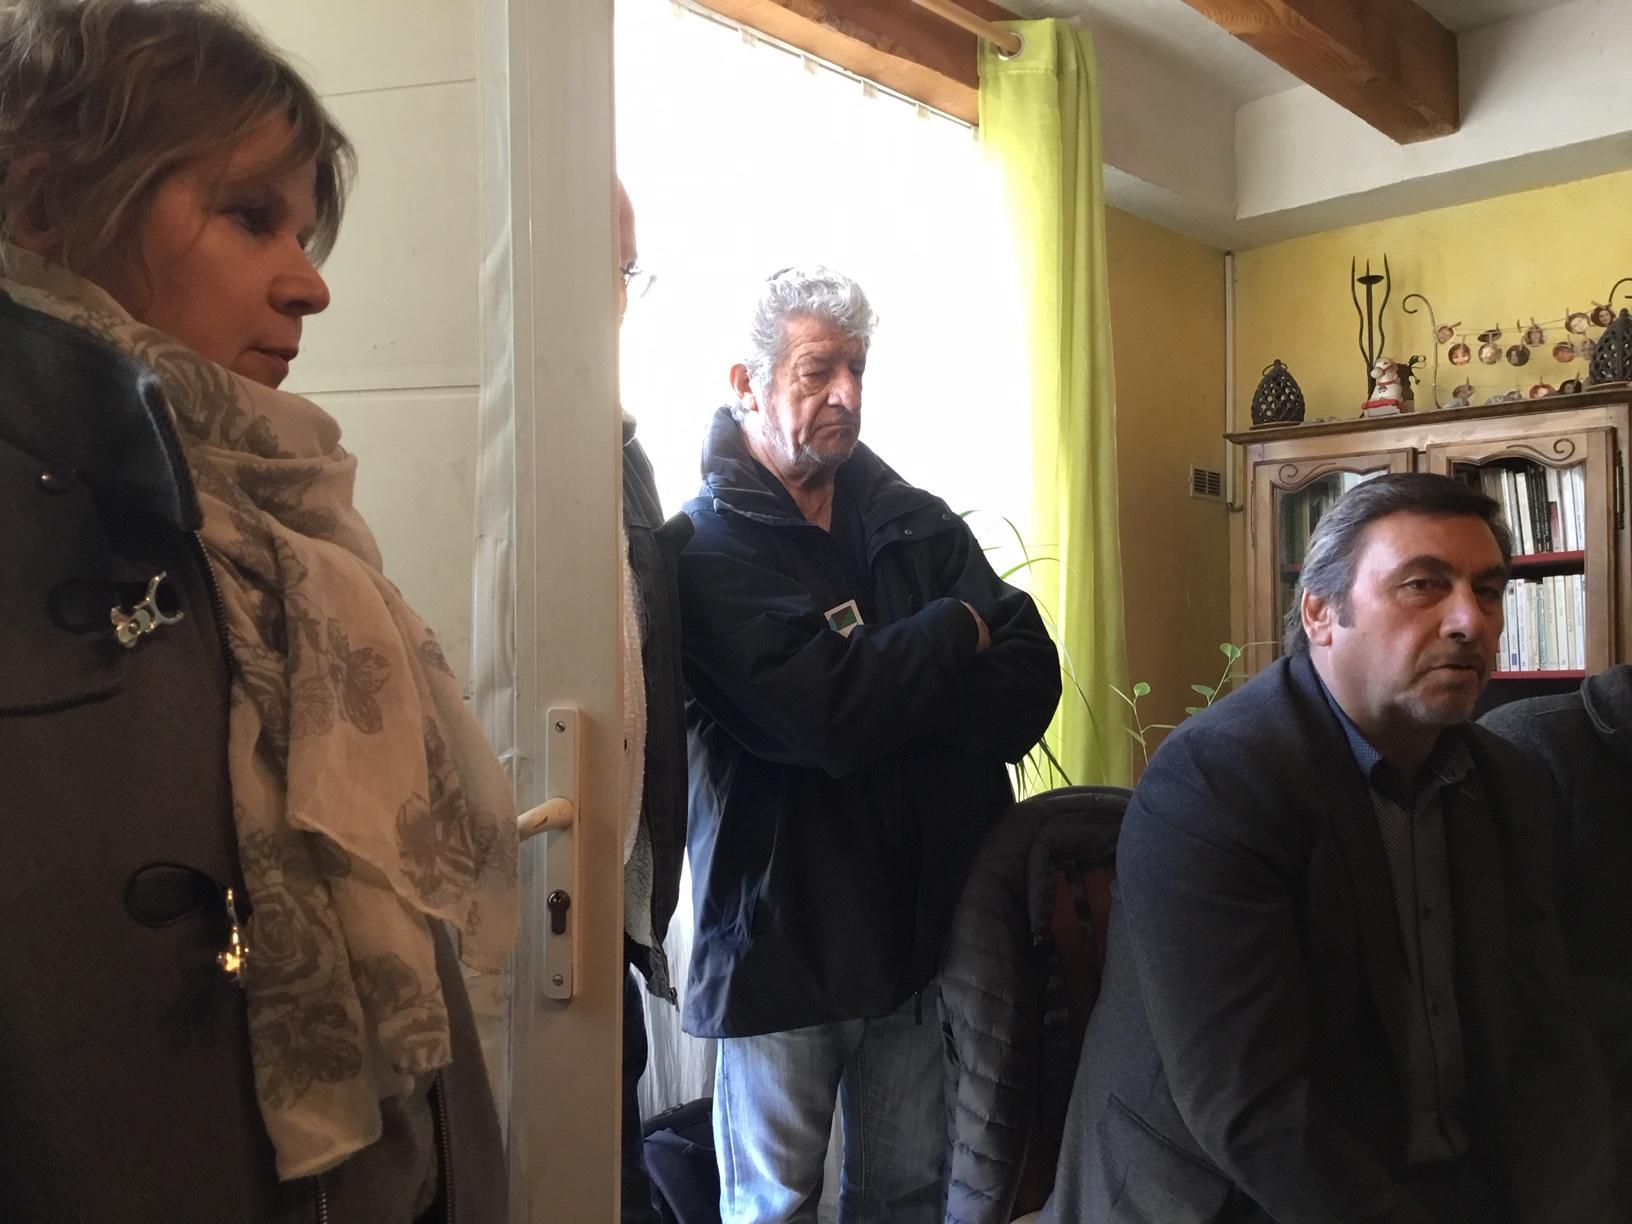 Rencontre débat et compte rendu de mandat de >jean Marc Coppola et Christian Pellicani à Montolivet (12e) arrondissement de Marseille